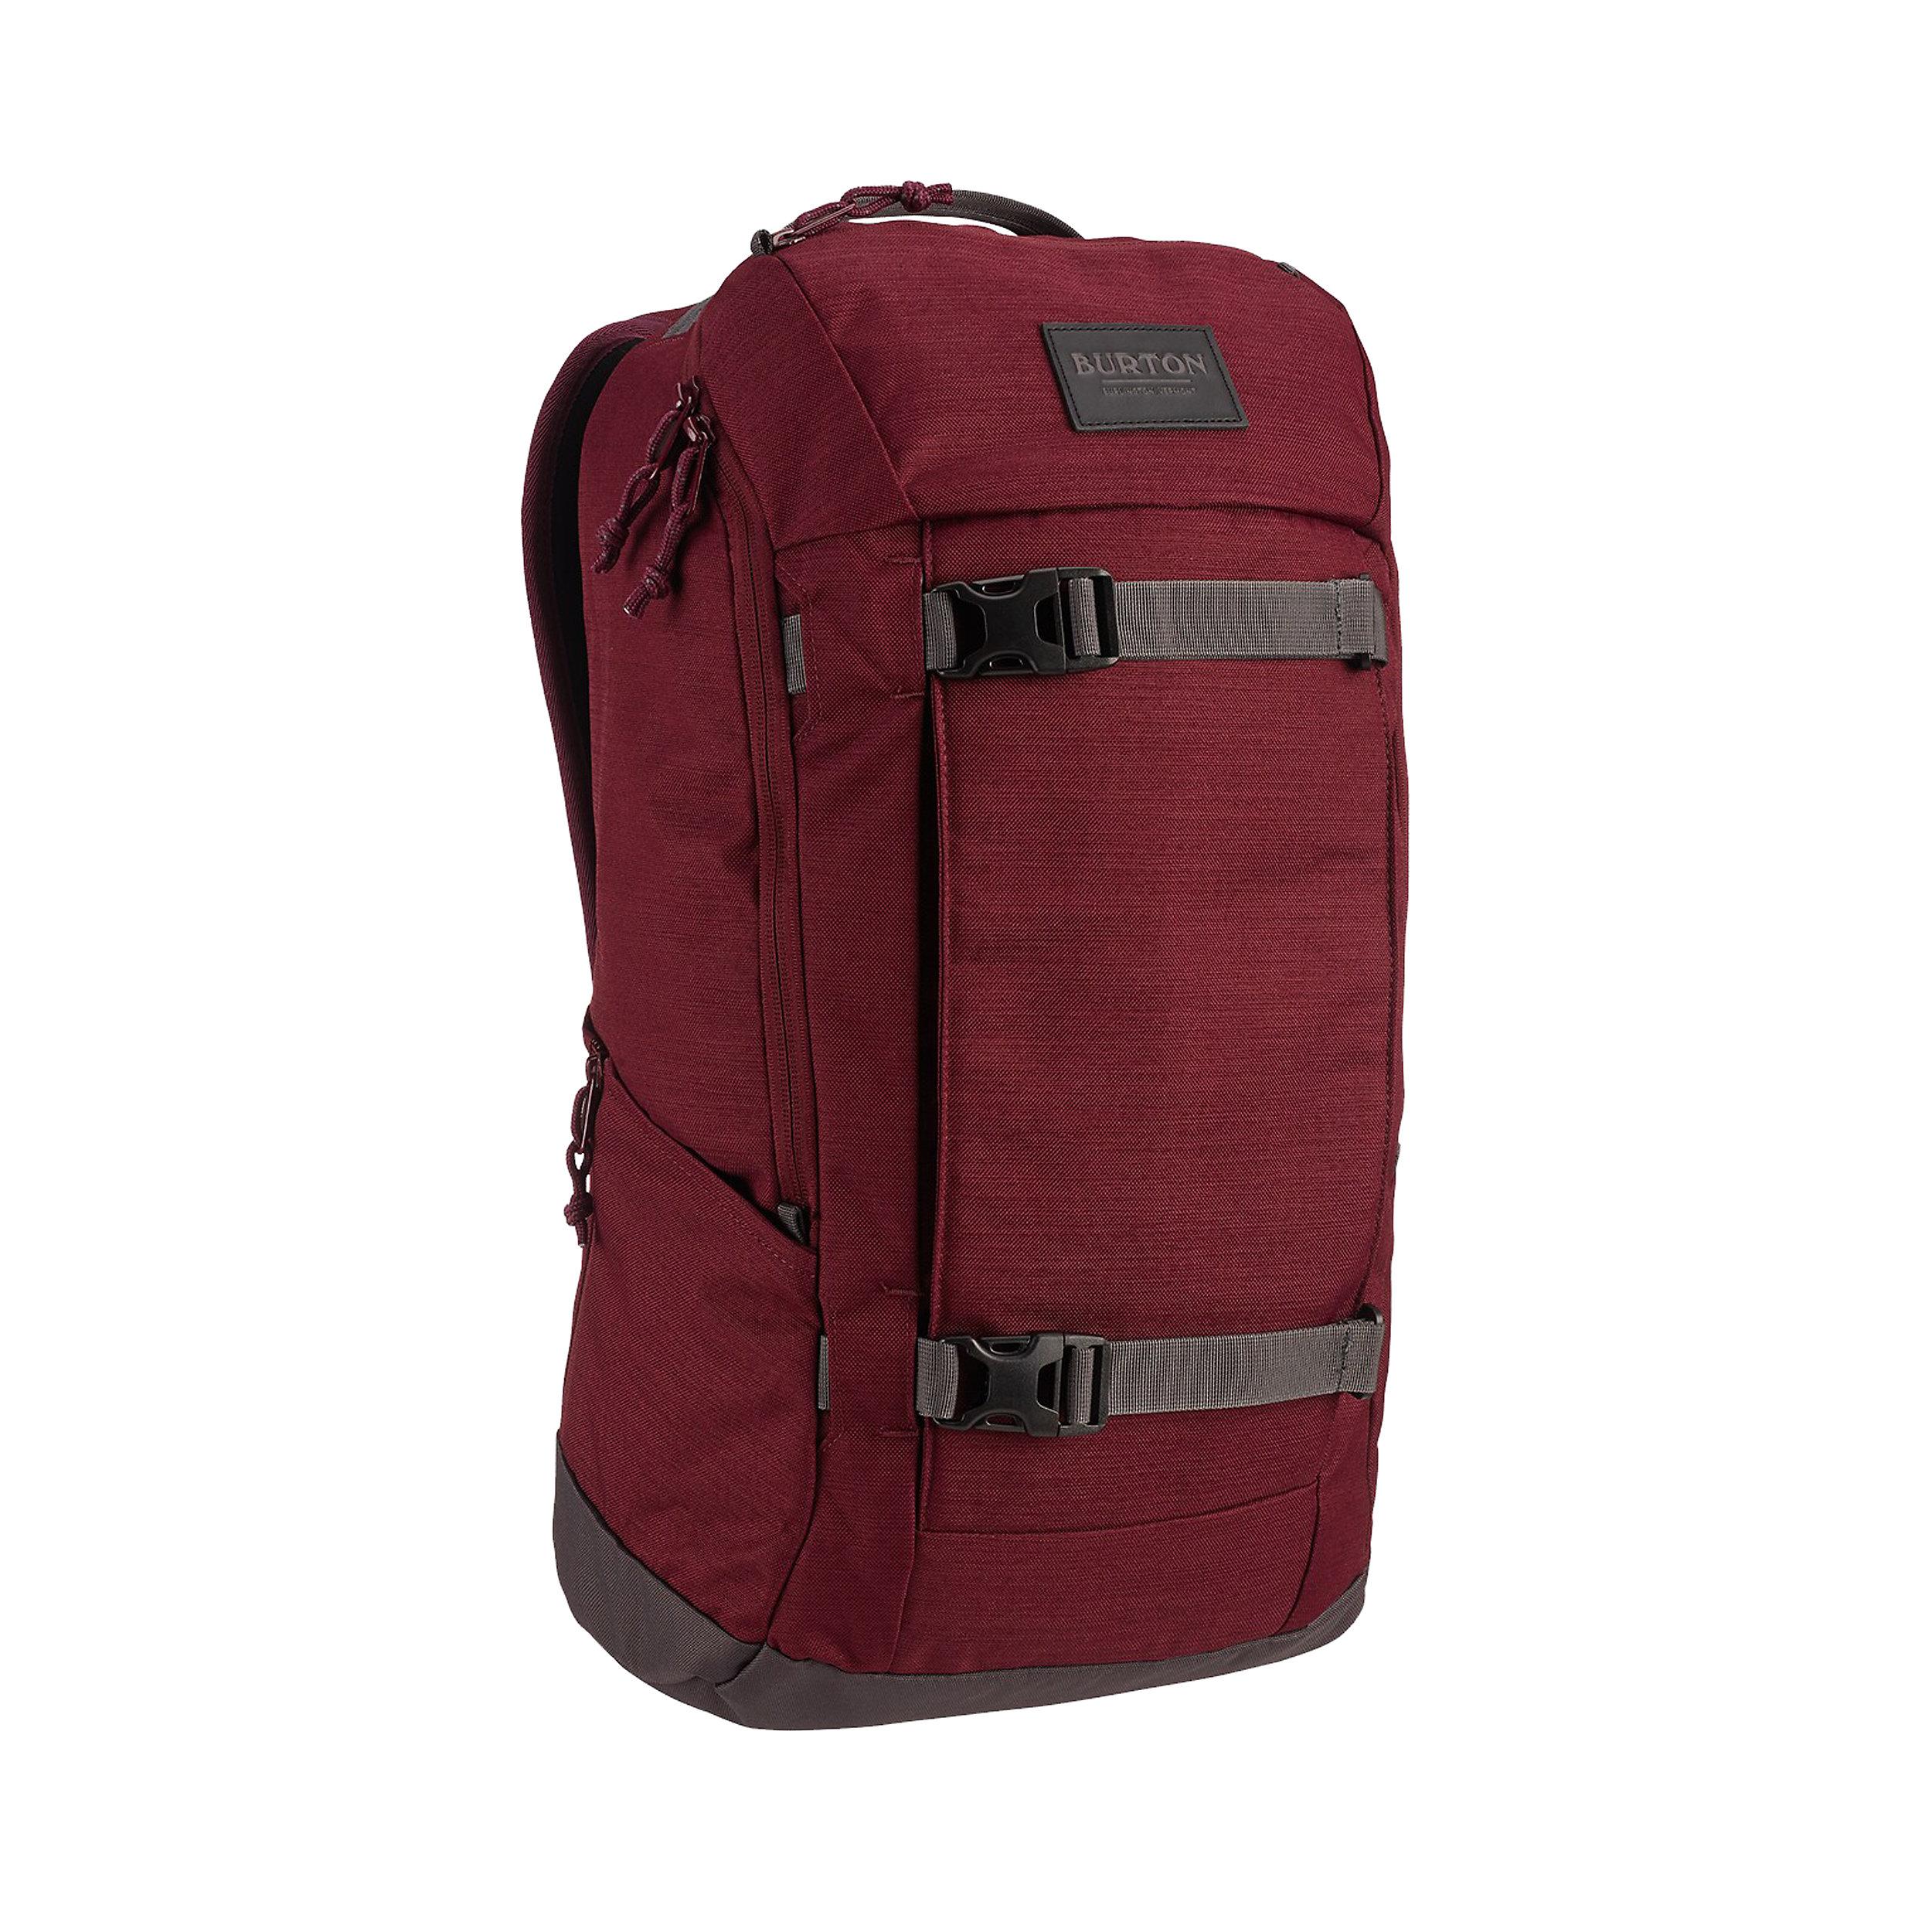 Backpack Kilo 2.0 27 Liter